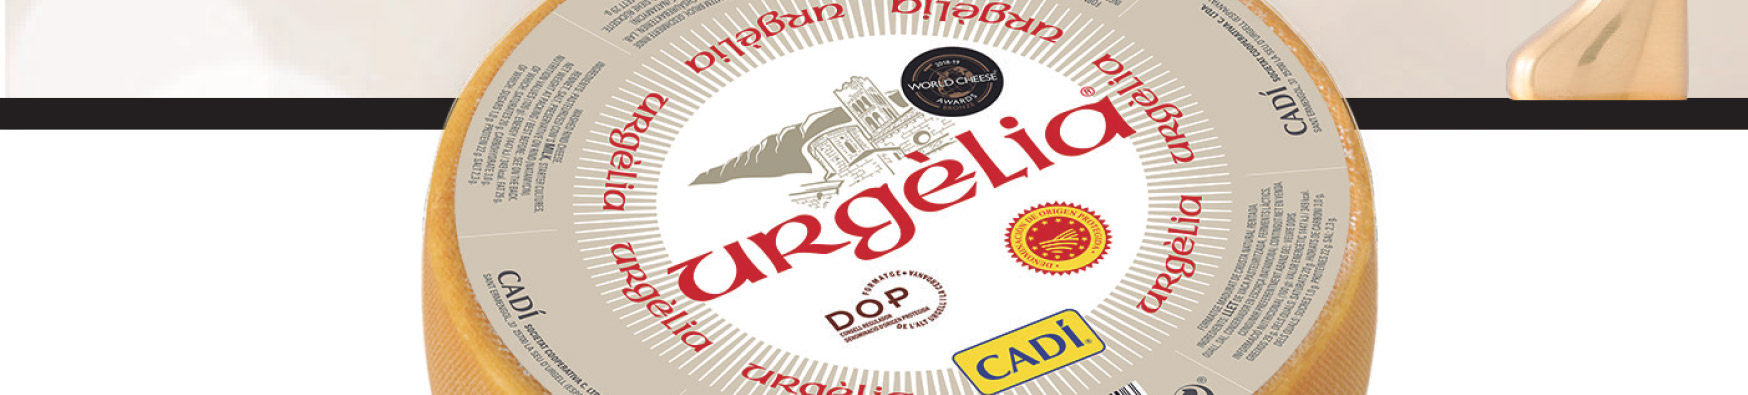 L'Urgèlia, formatge de la Cooperativa Cadí, or als prestigiosos Sofi Awards